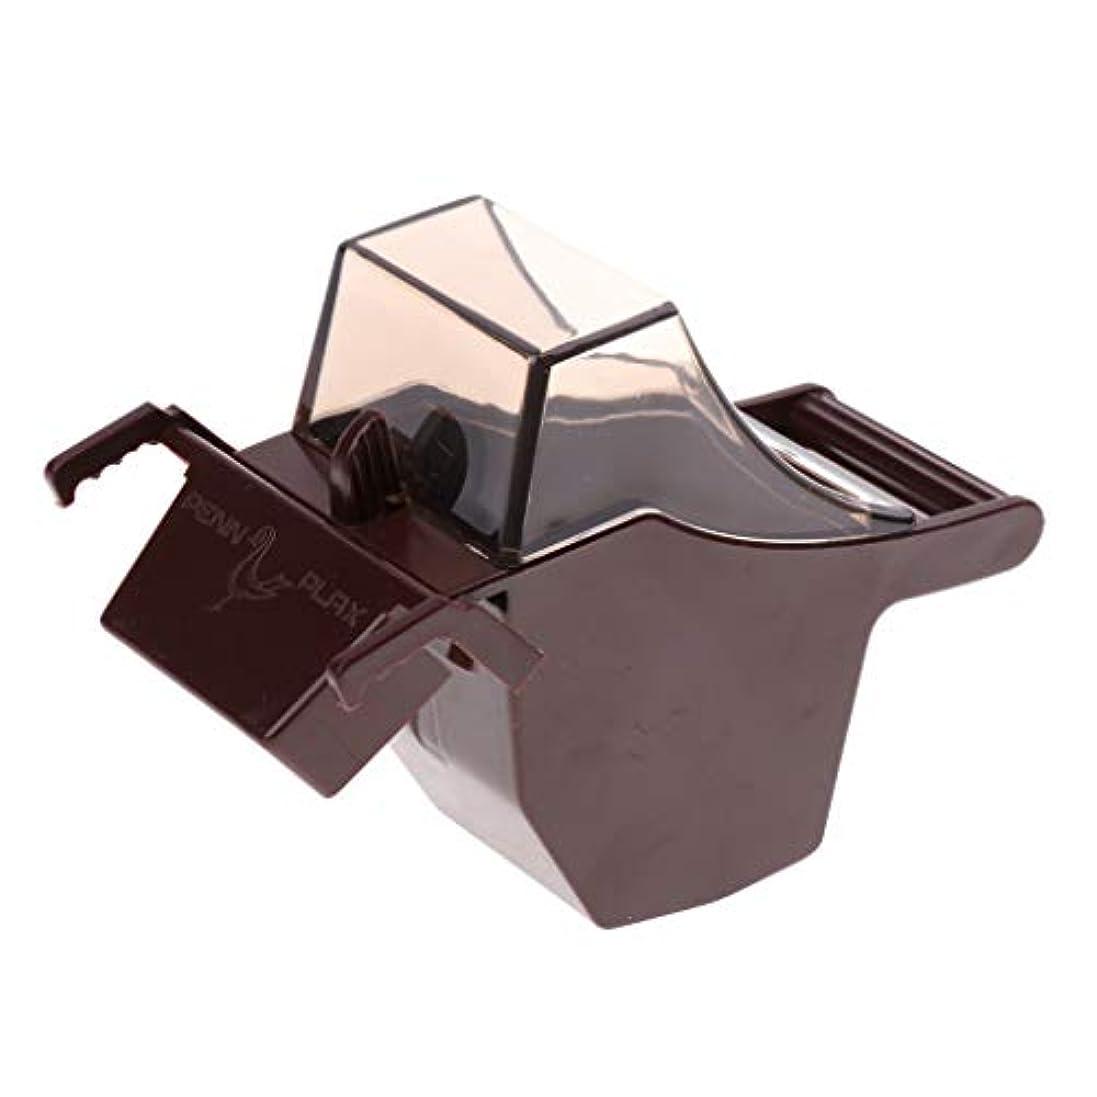 一貫性のない見えない値下げペット用品 可愛い 形 鳥 フィーダー 食べ物 水 オウム ウォーターディスペンサー ボウル - バードカップ